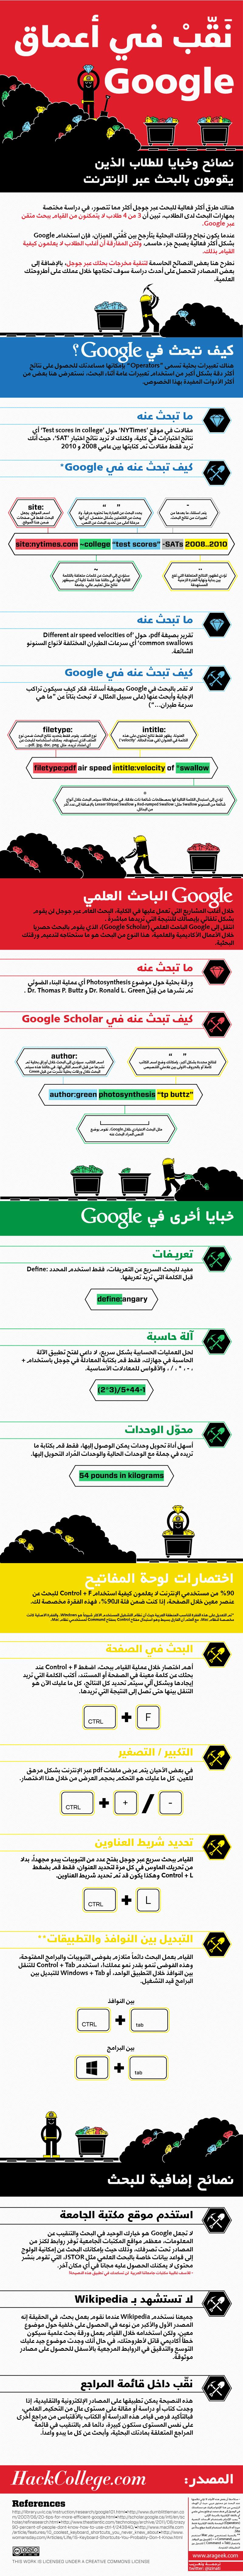 البحث العلمي في جوجل انفوجرافيك